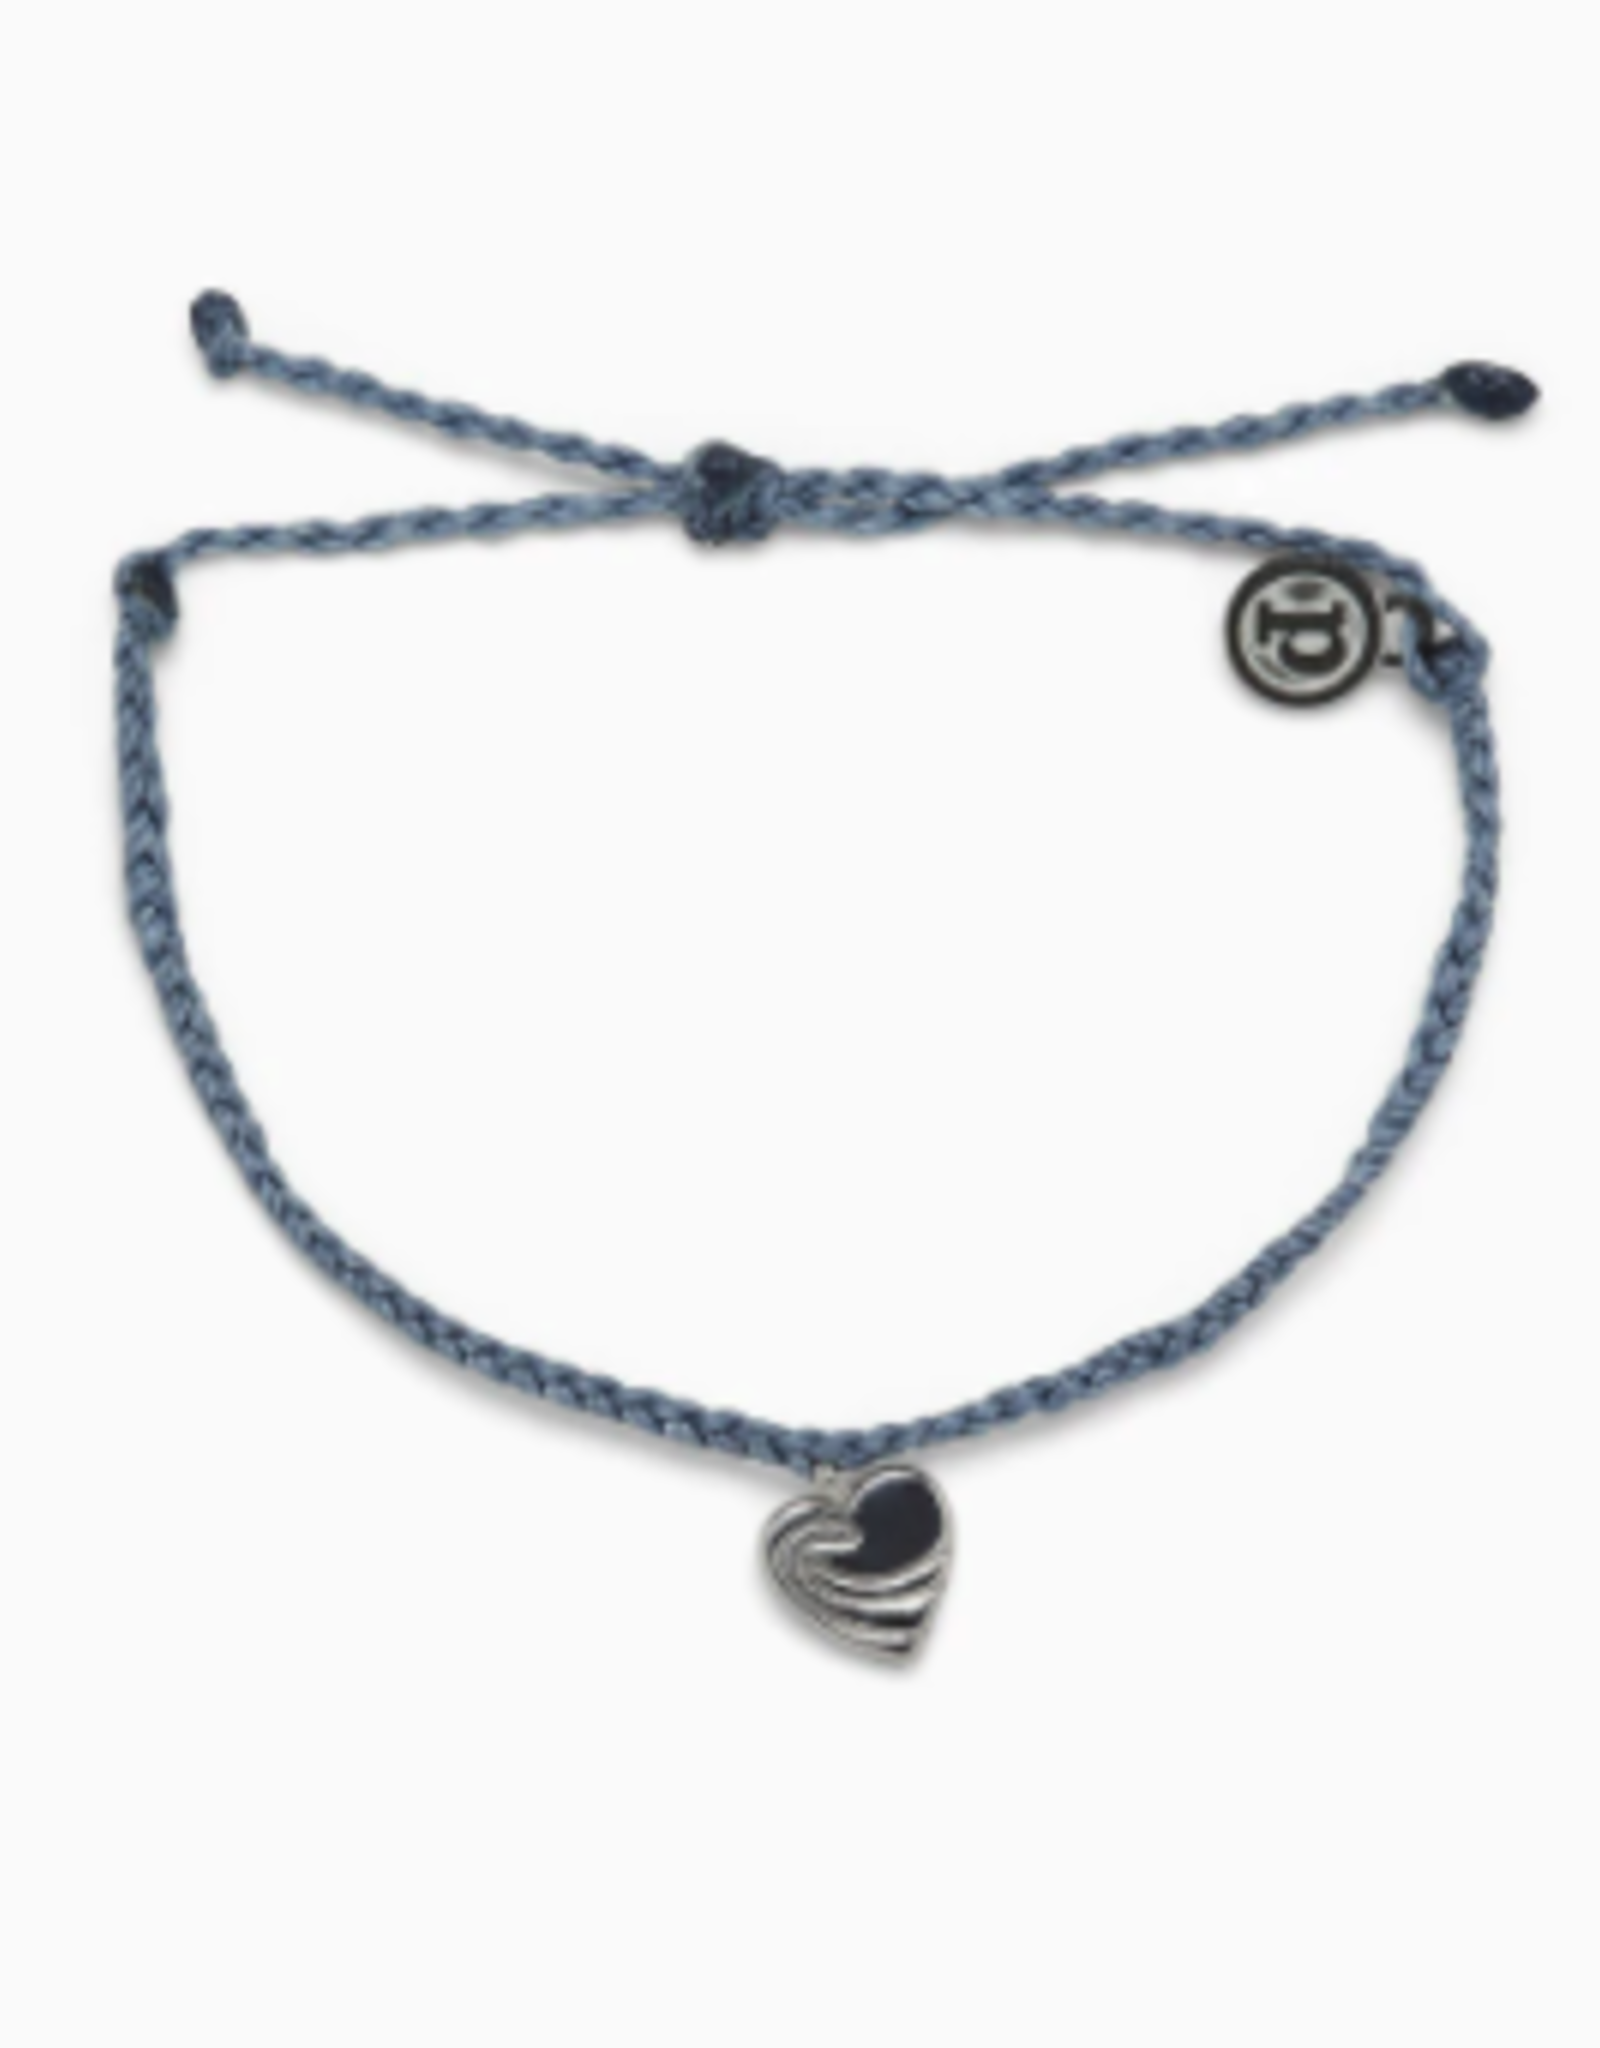 Pura Vida Pura Vida - Charm Bracelet Surf Love Blue